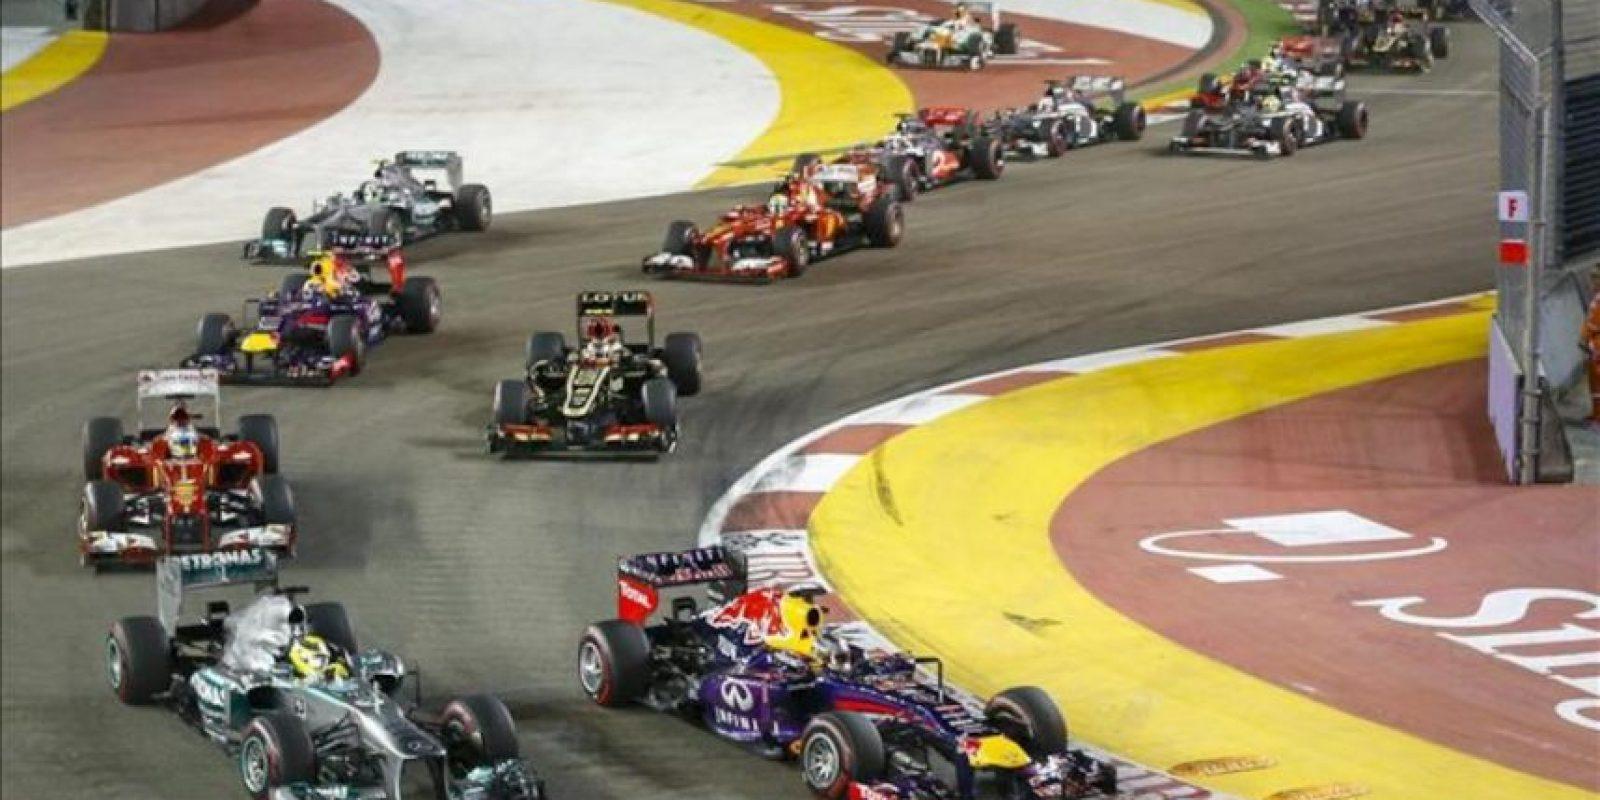 El piloto alemán de Fórmula Uno del equpo Red Bull Sebastian Vettel (d) sale primero y su compatriota Nico Rosberg, del equipo Mercedes AMG, trata de adelantarde en el GP de Singapur. EFE